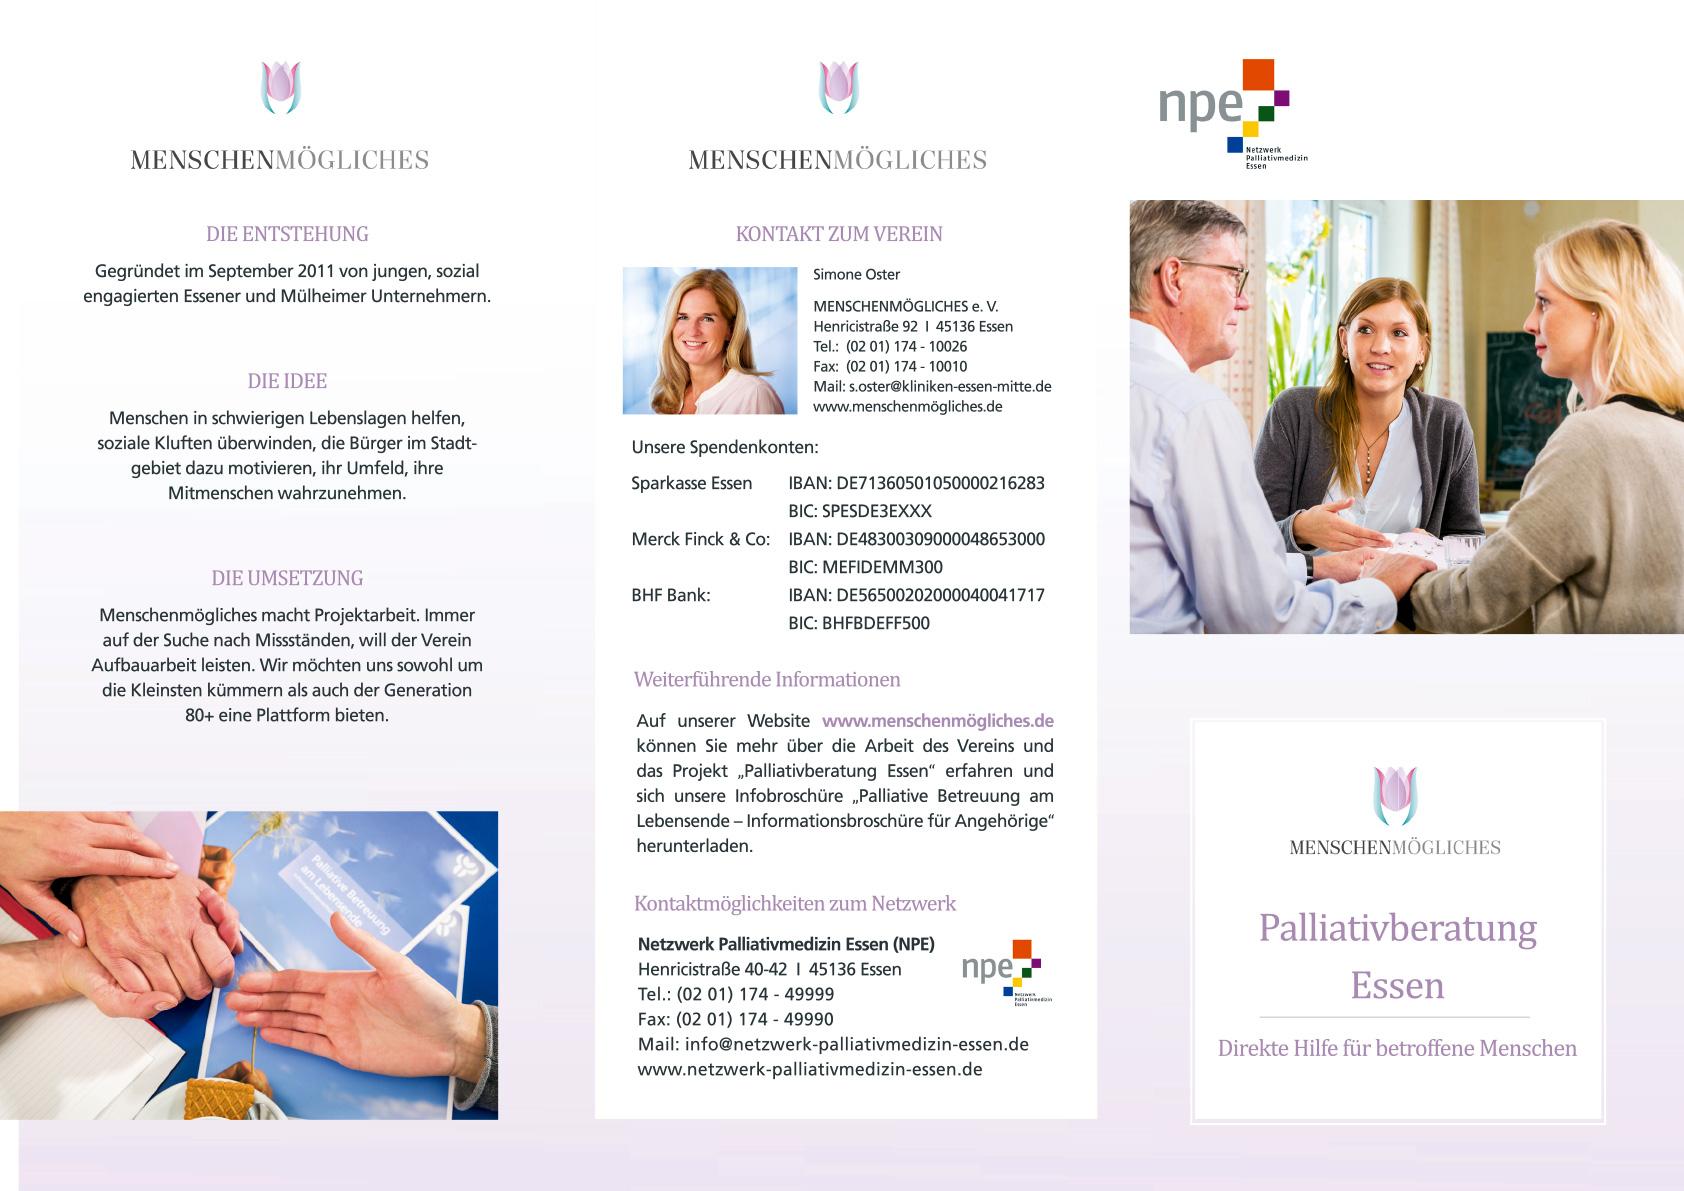 NPE – Flyer Palliativberatung Essen